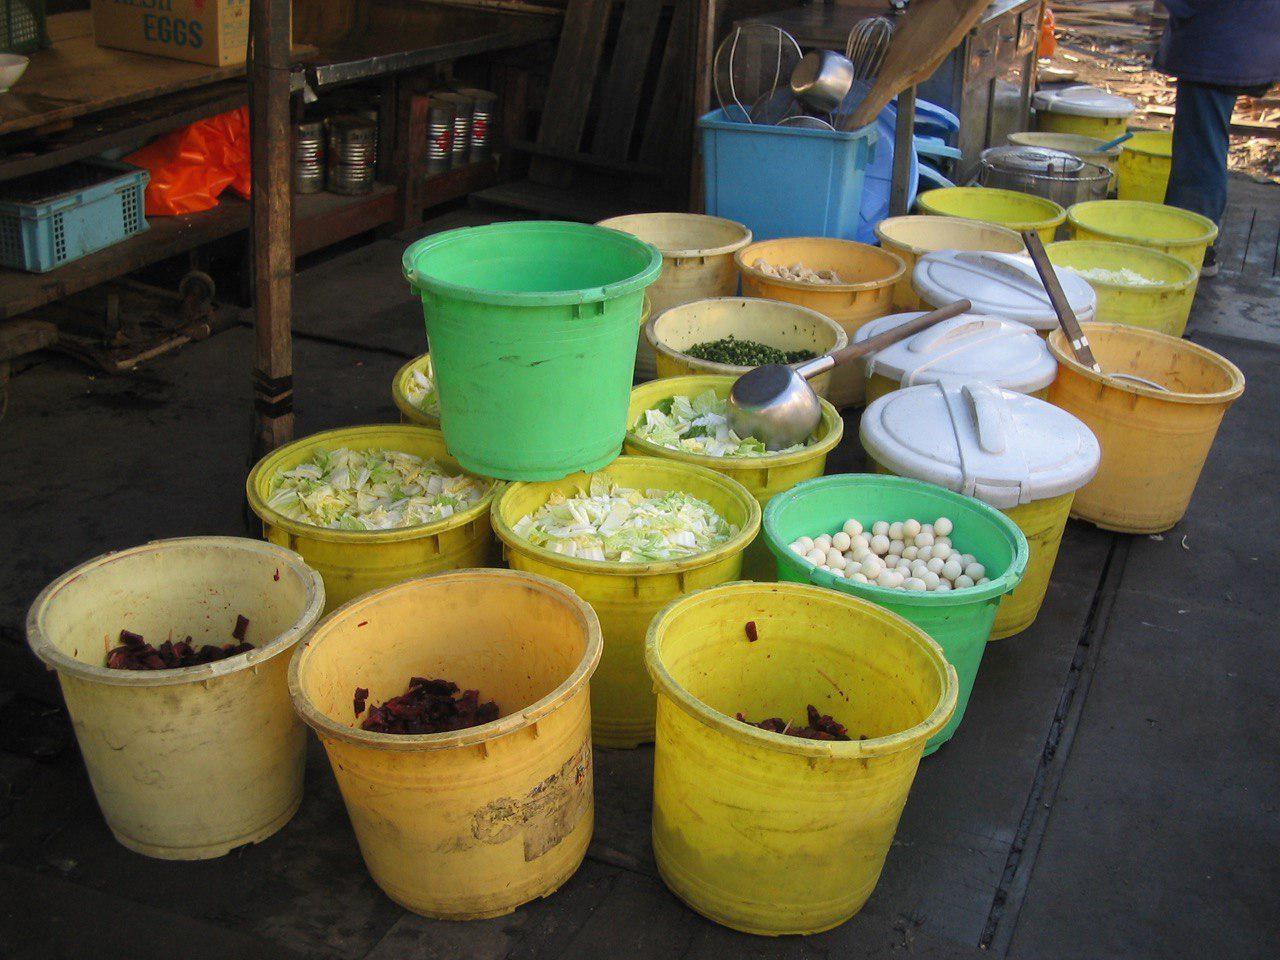 釜ヶ崎の当事者による炊きだしの準備(慈善団体による炊きだしではなく)